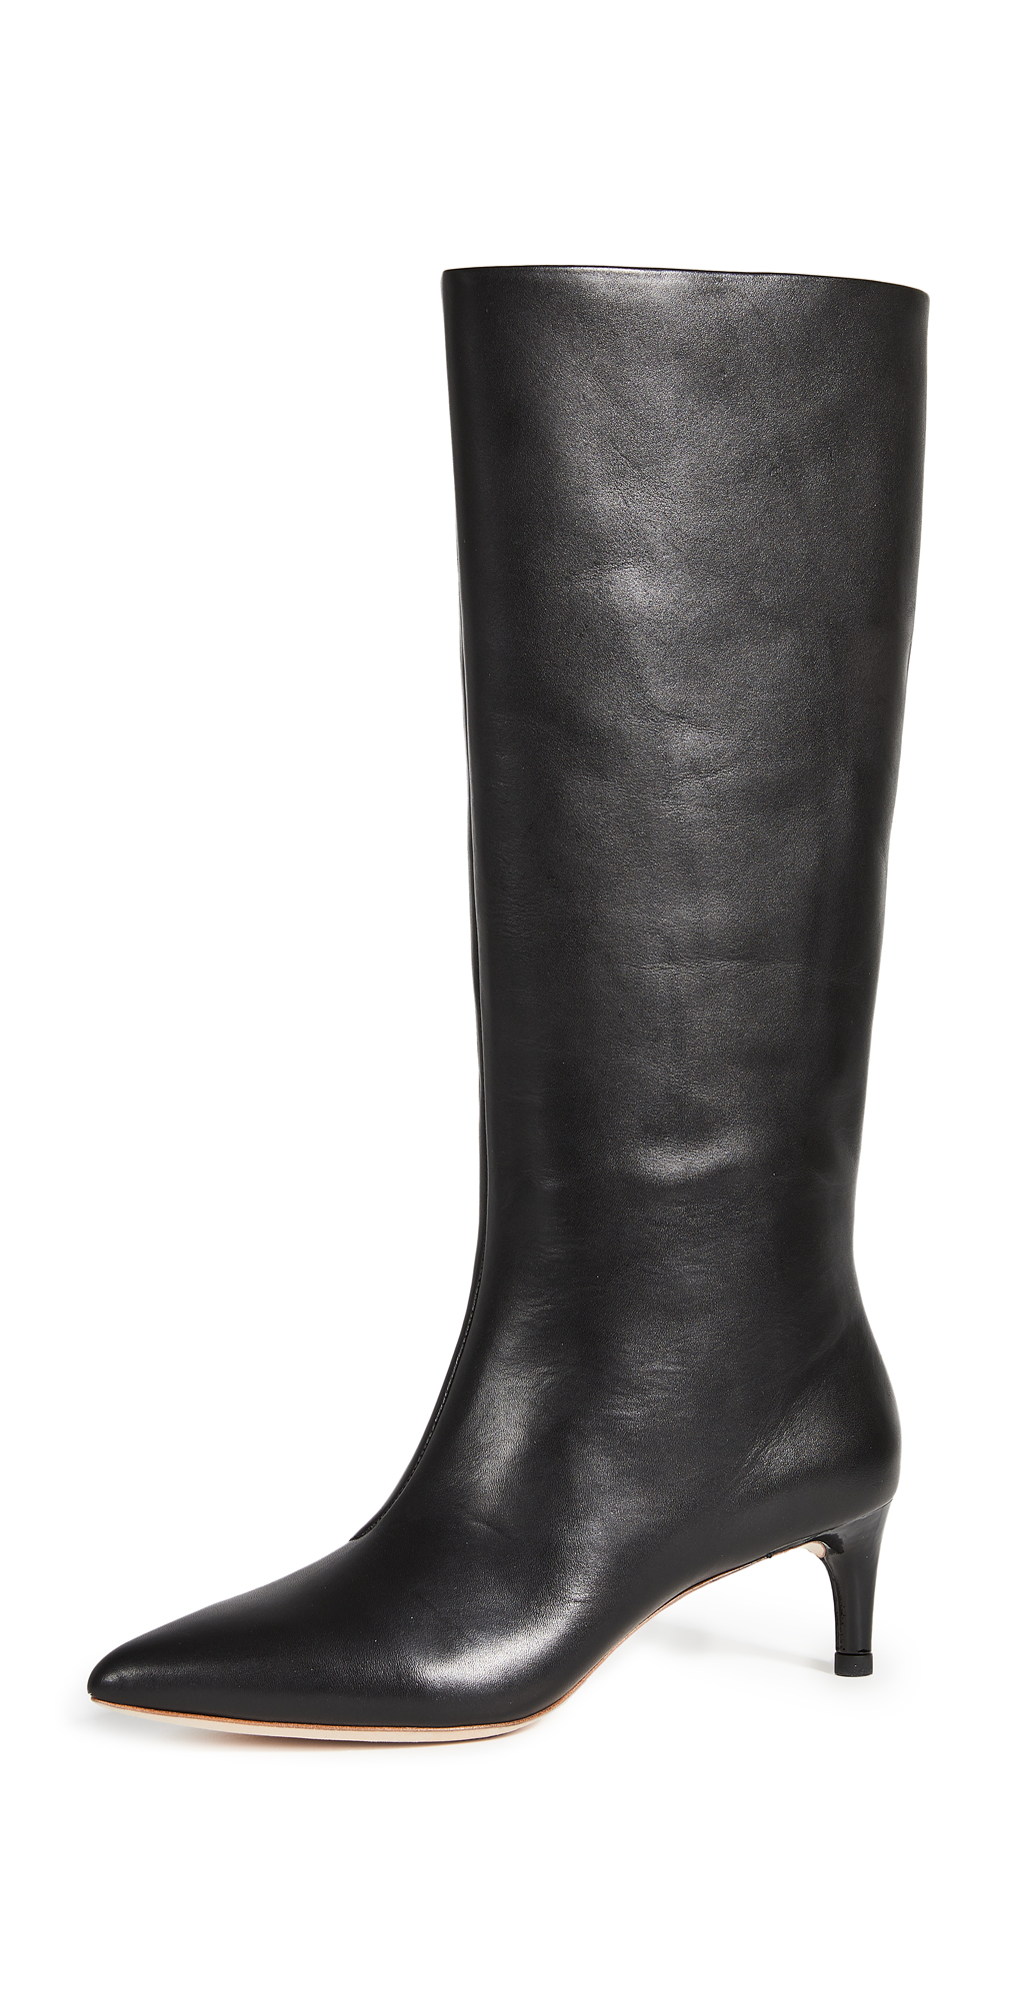 Loeffler Randall Gloria Tall Kitten Heel Boots